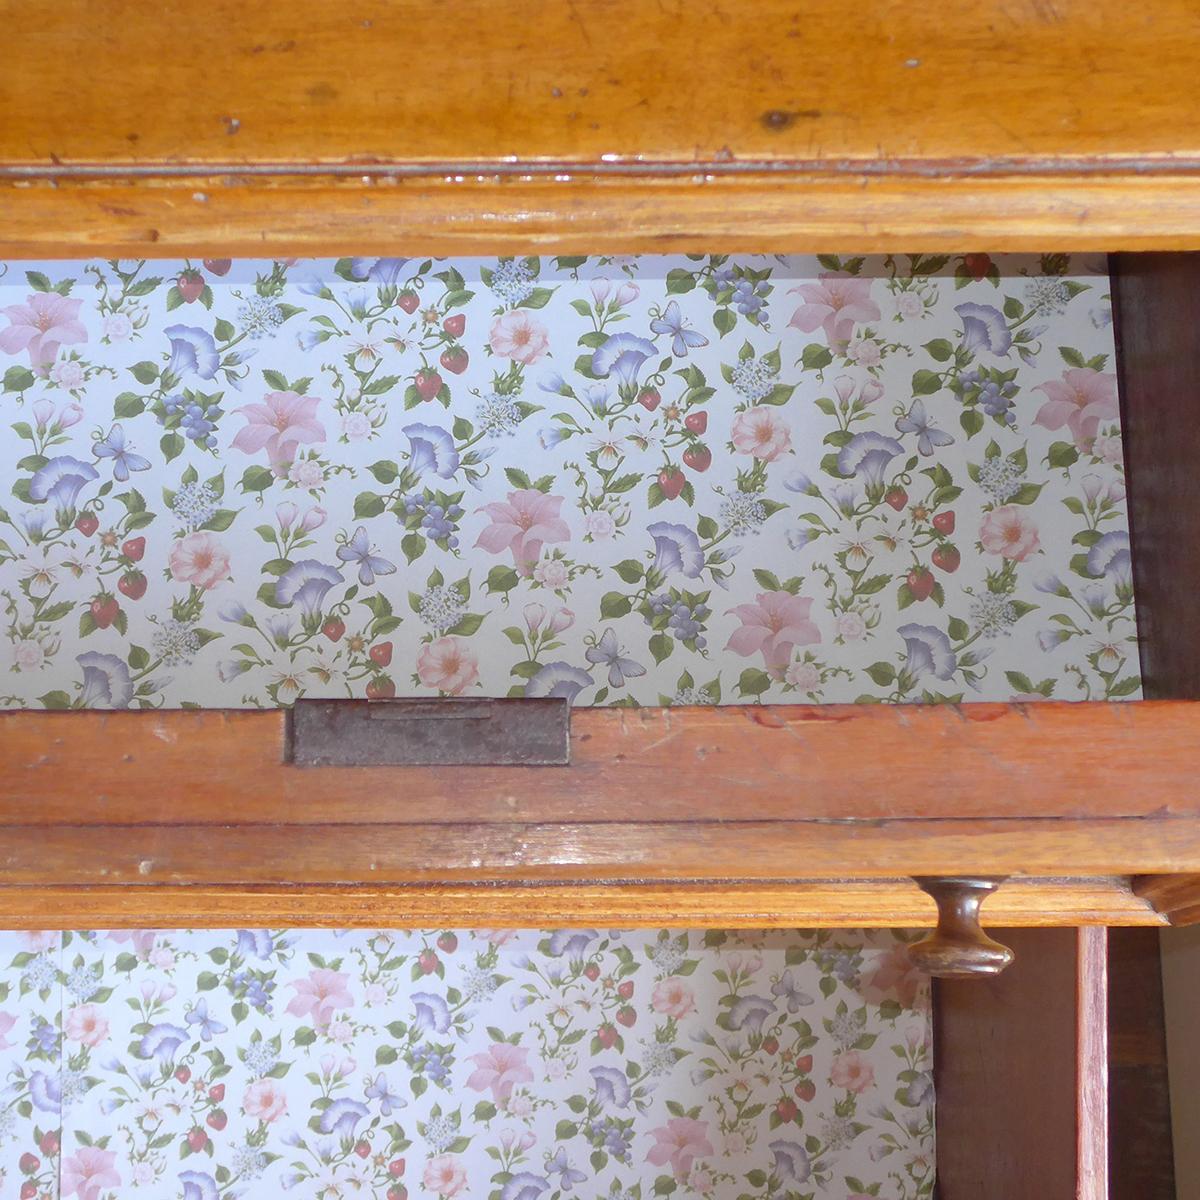 Papier parfumé pour fond de tiroir aux motifs fleuris rose, bleu, violet